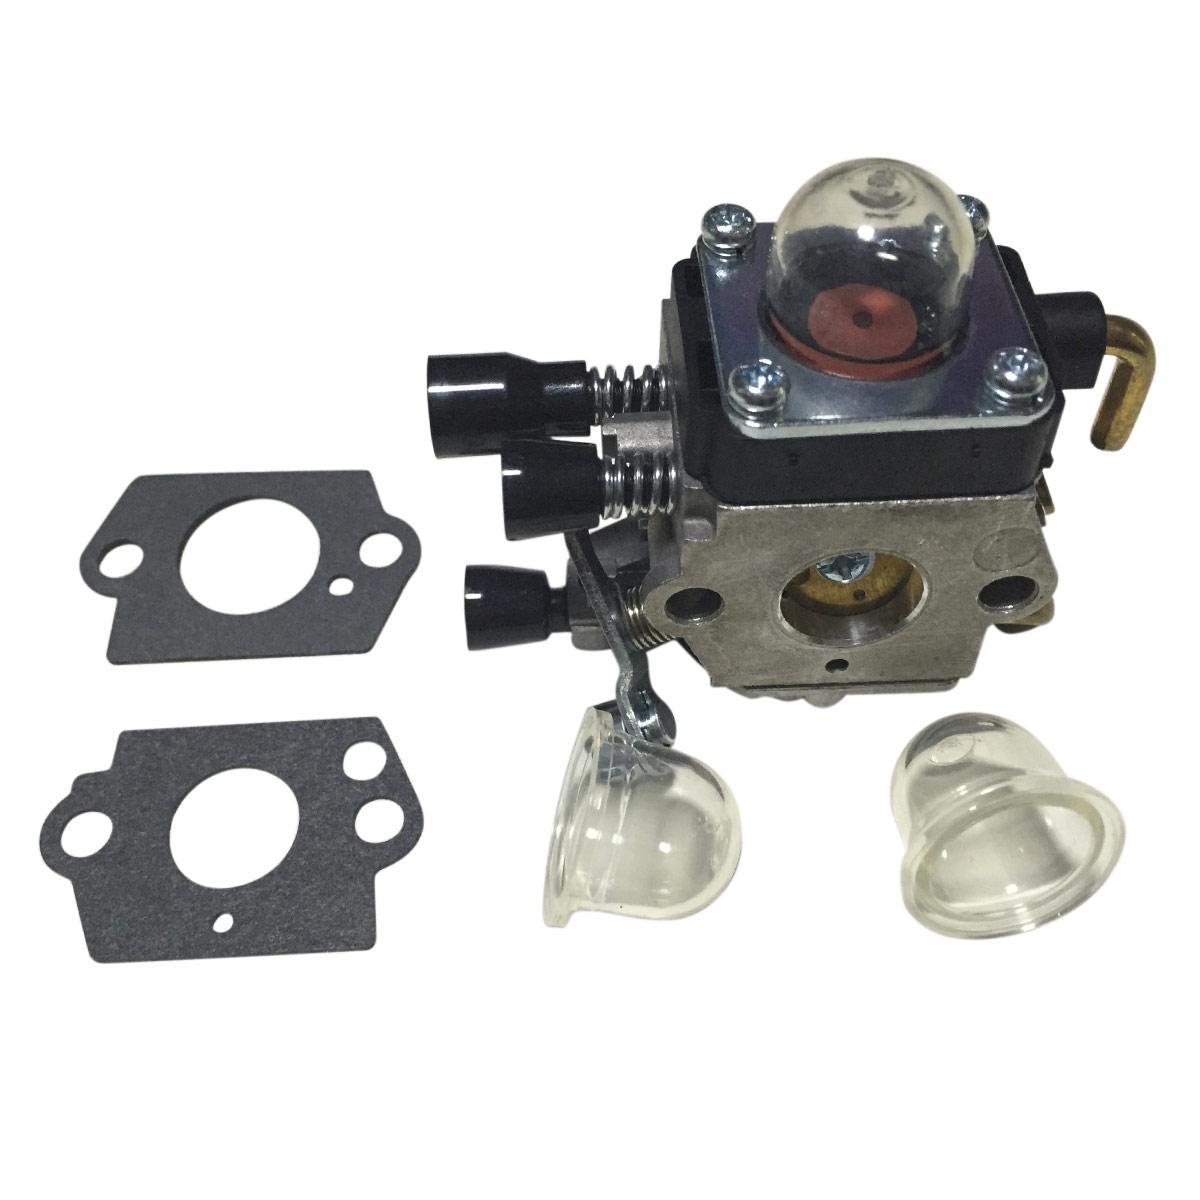 Carburetor Carb Fits Type FS38 FS45 FS46 FS55 FS74 FS75 FS80 FS85 Trimmer